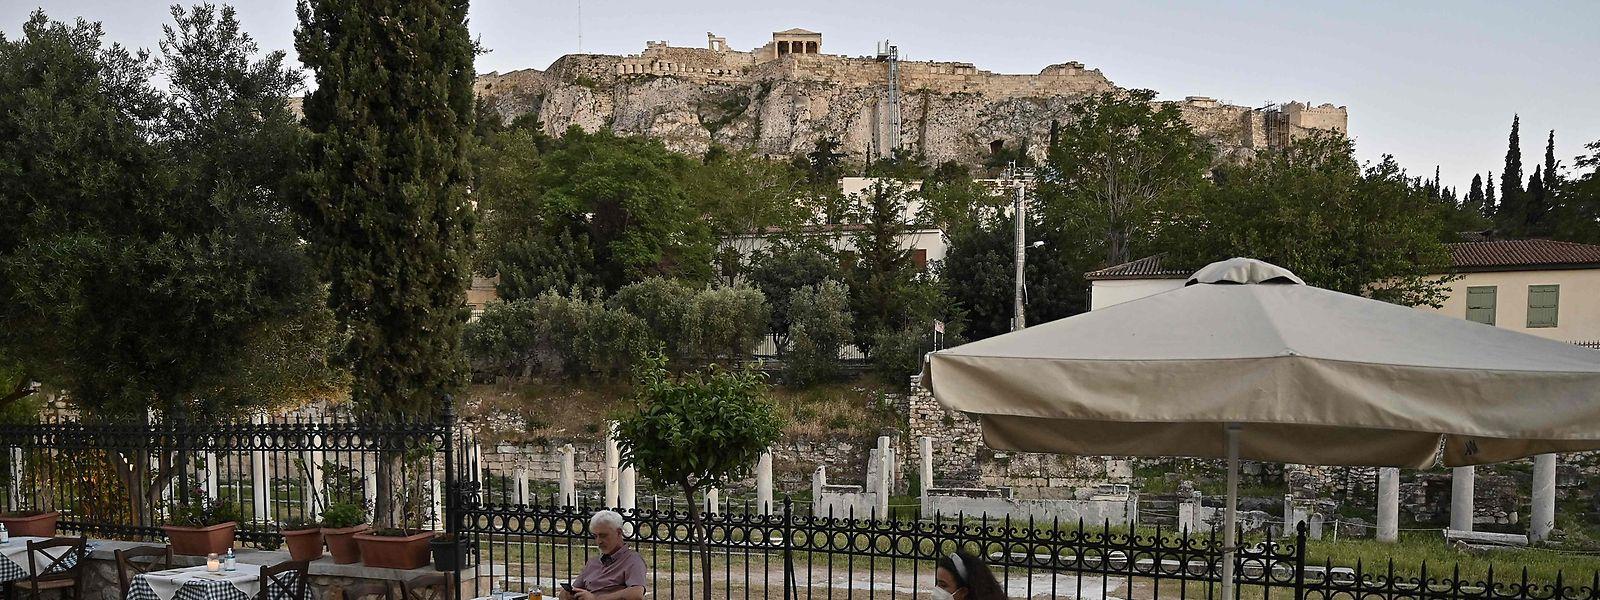 Restaurantes em Atenas, perto da Ágora Romana e da Acrópole. Em linha com outros Estados europeus, a Grécia anunciou recentemente o relaxamento das medidas contra a covid-19, nomeadamente a abertura ao turismo internacional já a partir de 14 de maio.